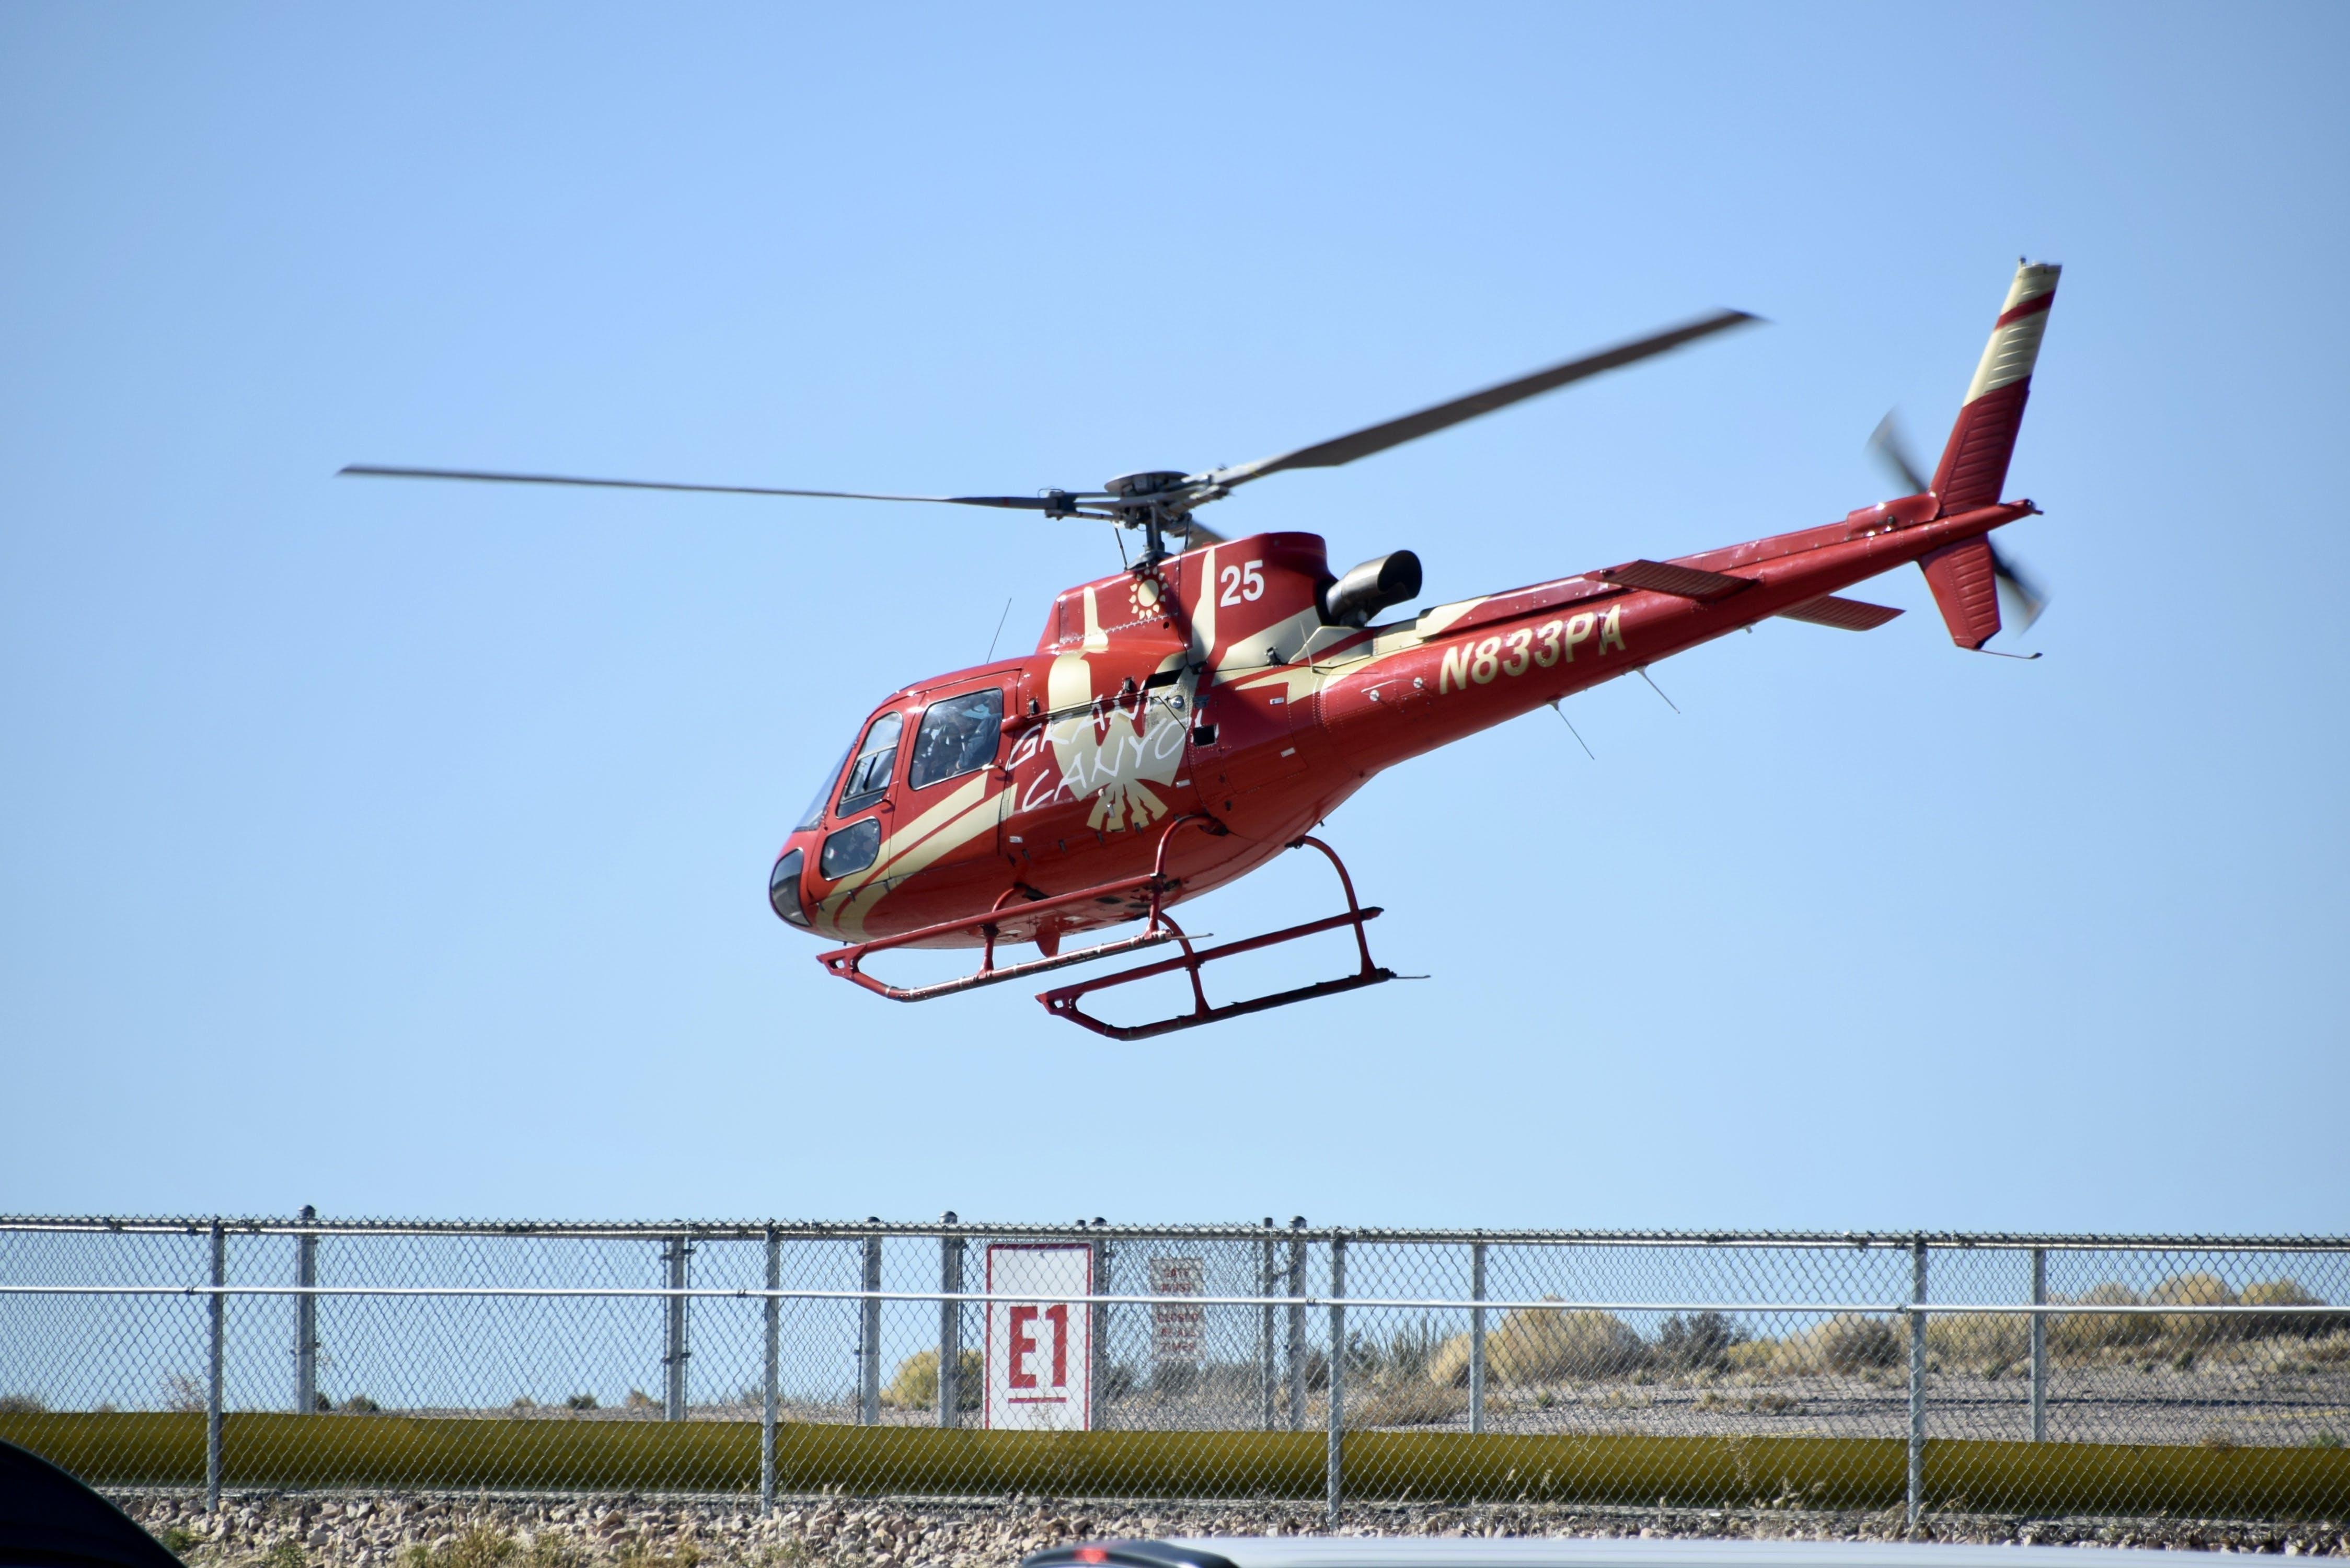 Fotos de stock gratuitas de álabes del rotor, bahía de helicópteros, cerca, cielo